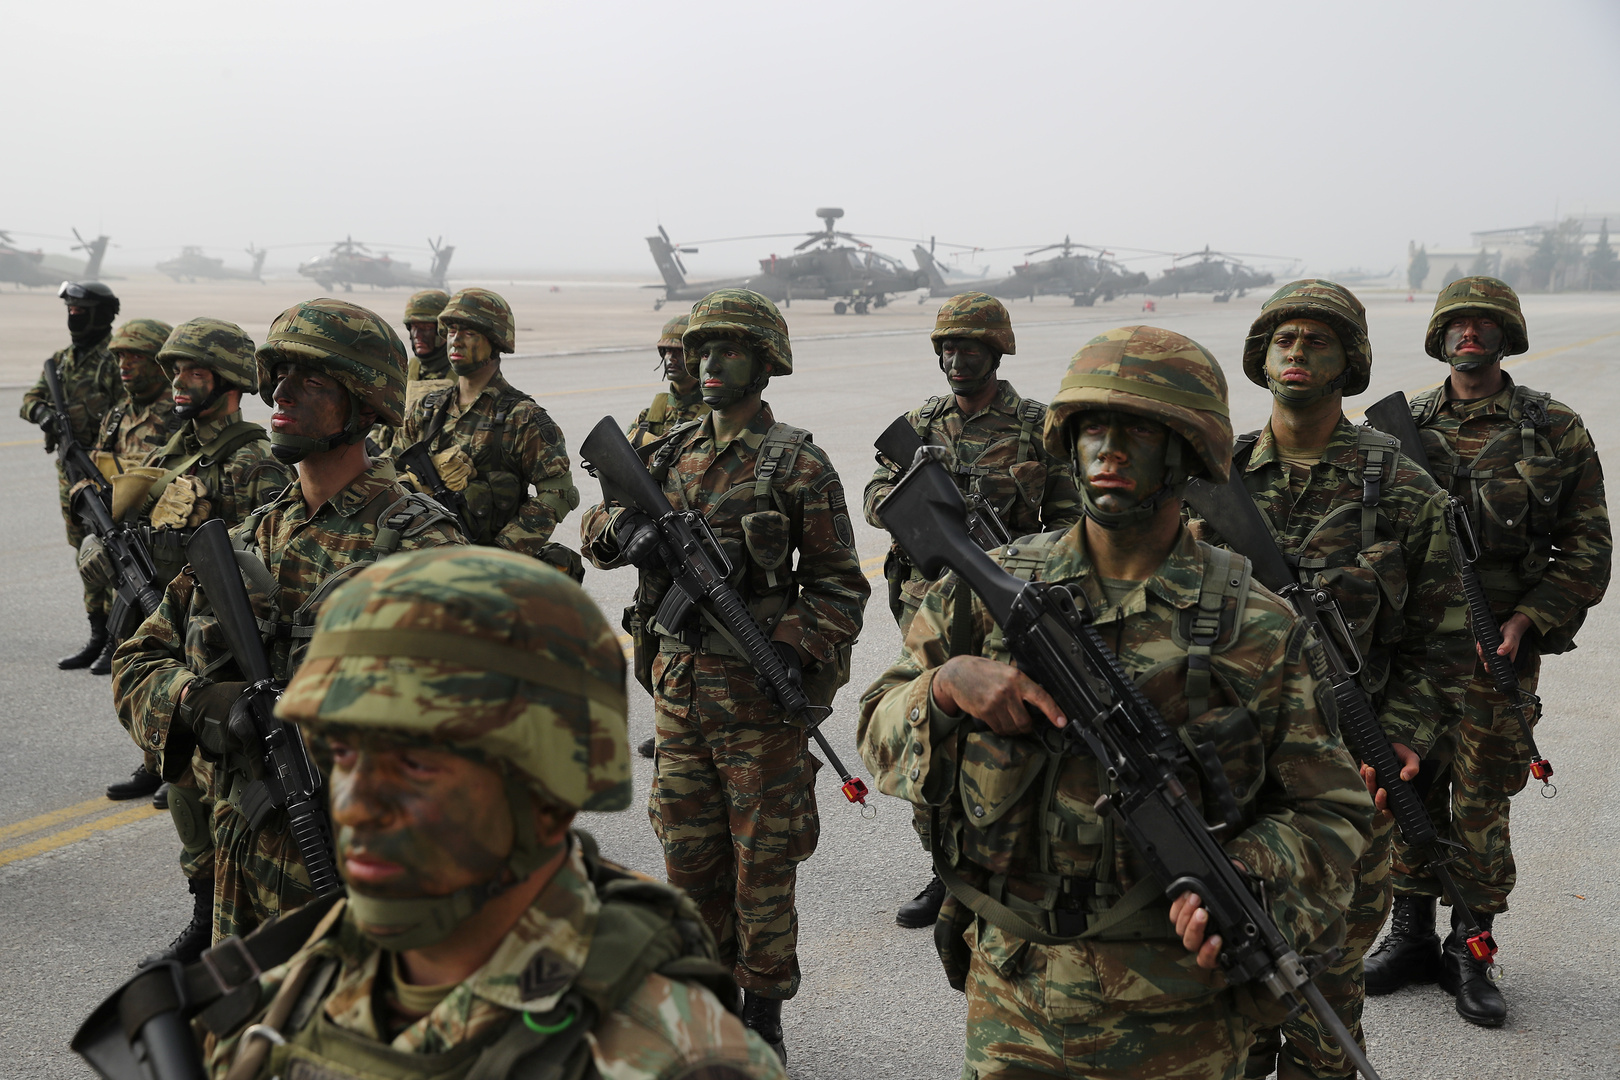 الجيش اليوناني: تركيا تزعزع استقرار المنطقة وتعزيز شراكتنا مع إسرائيل أولوية مطلقة